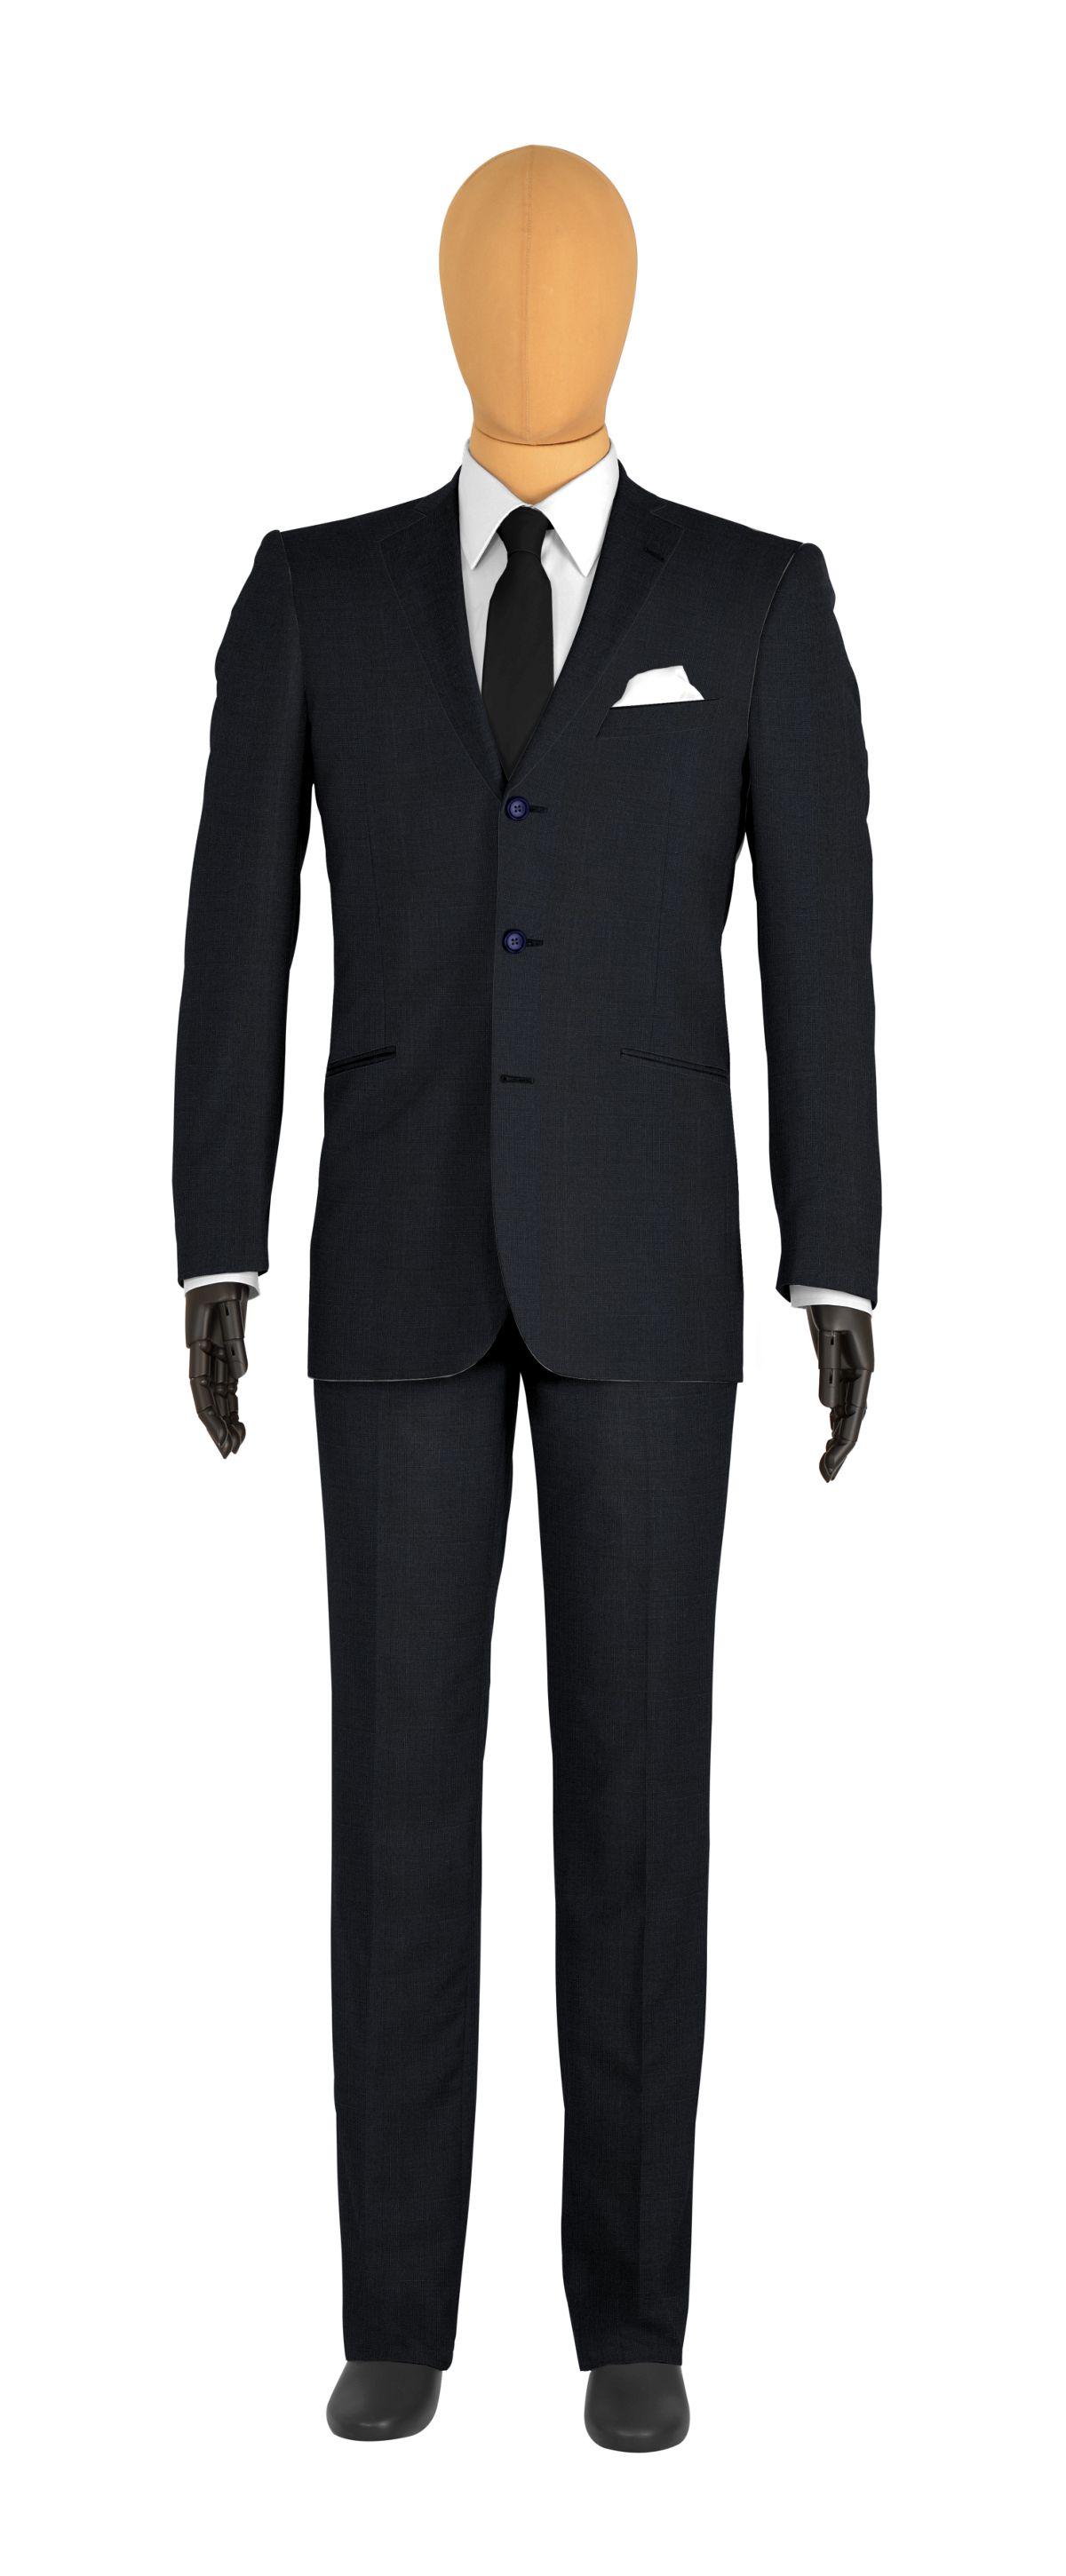 Costume veste 3 boutons bleu caviar